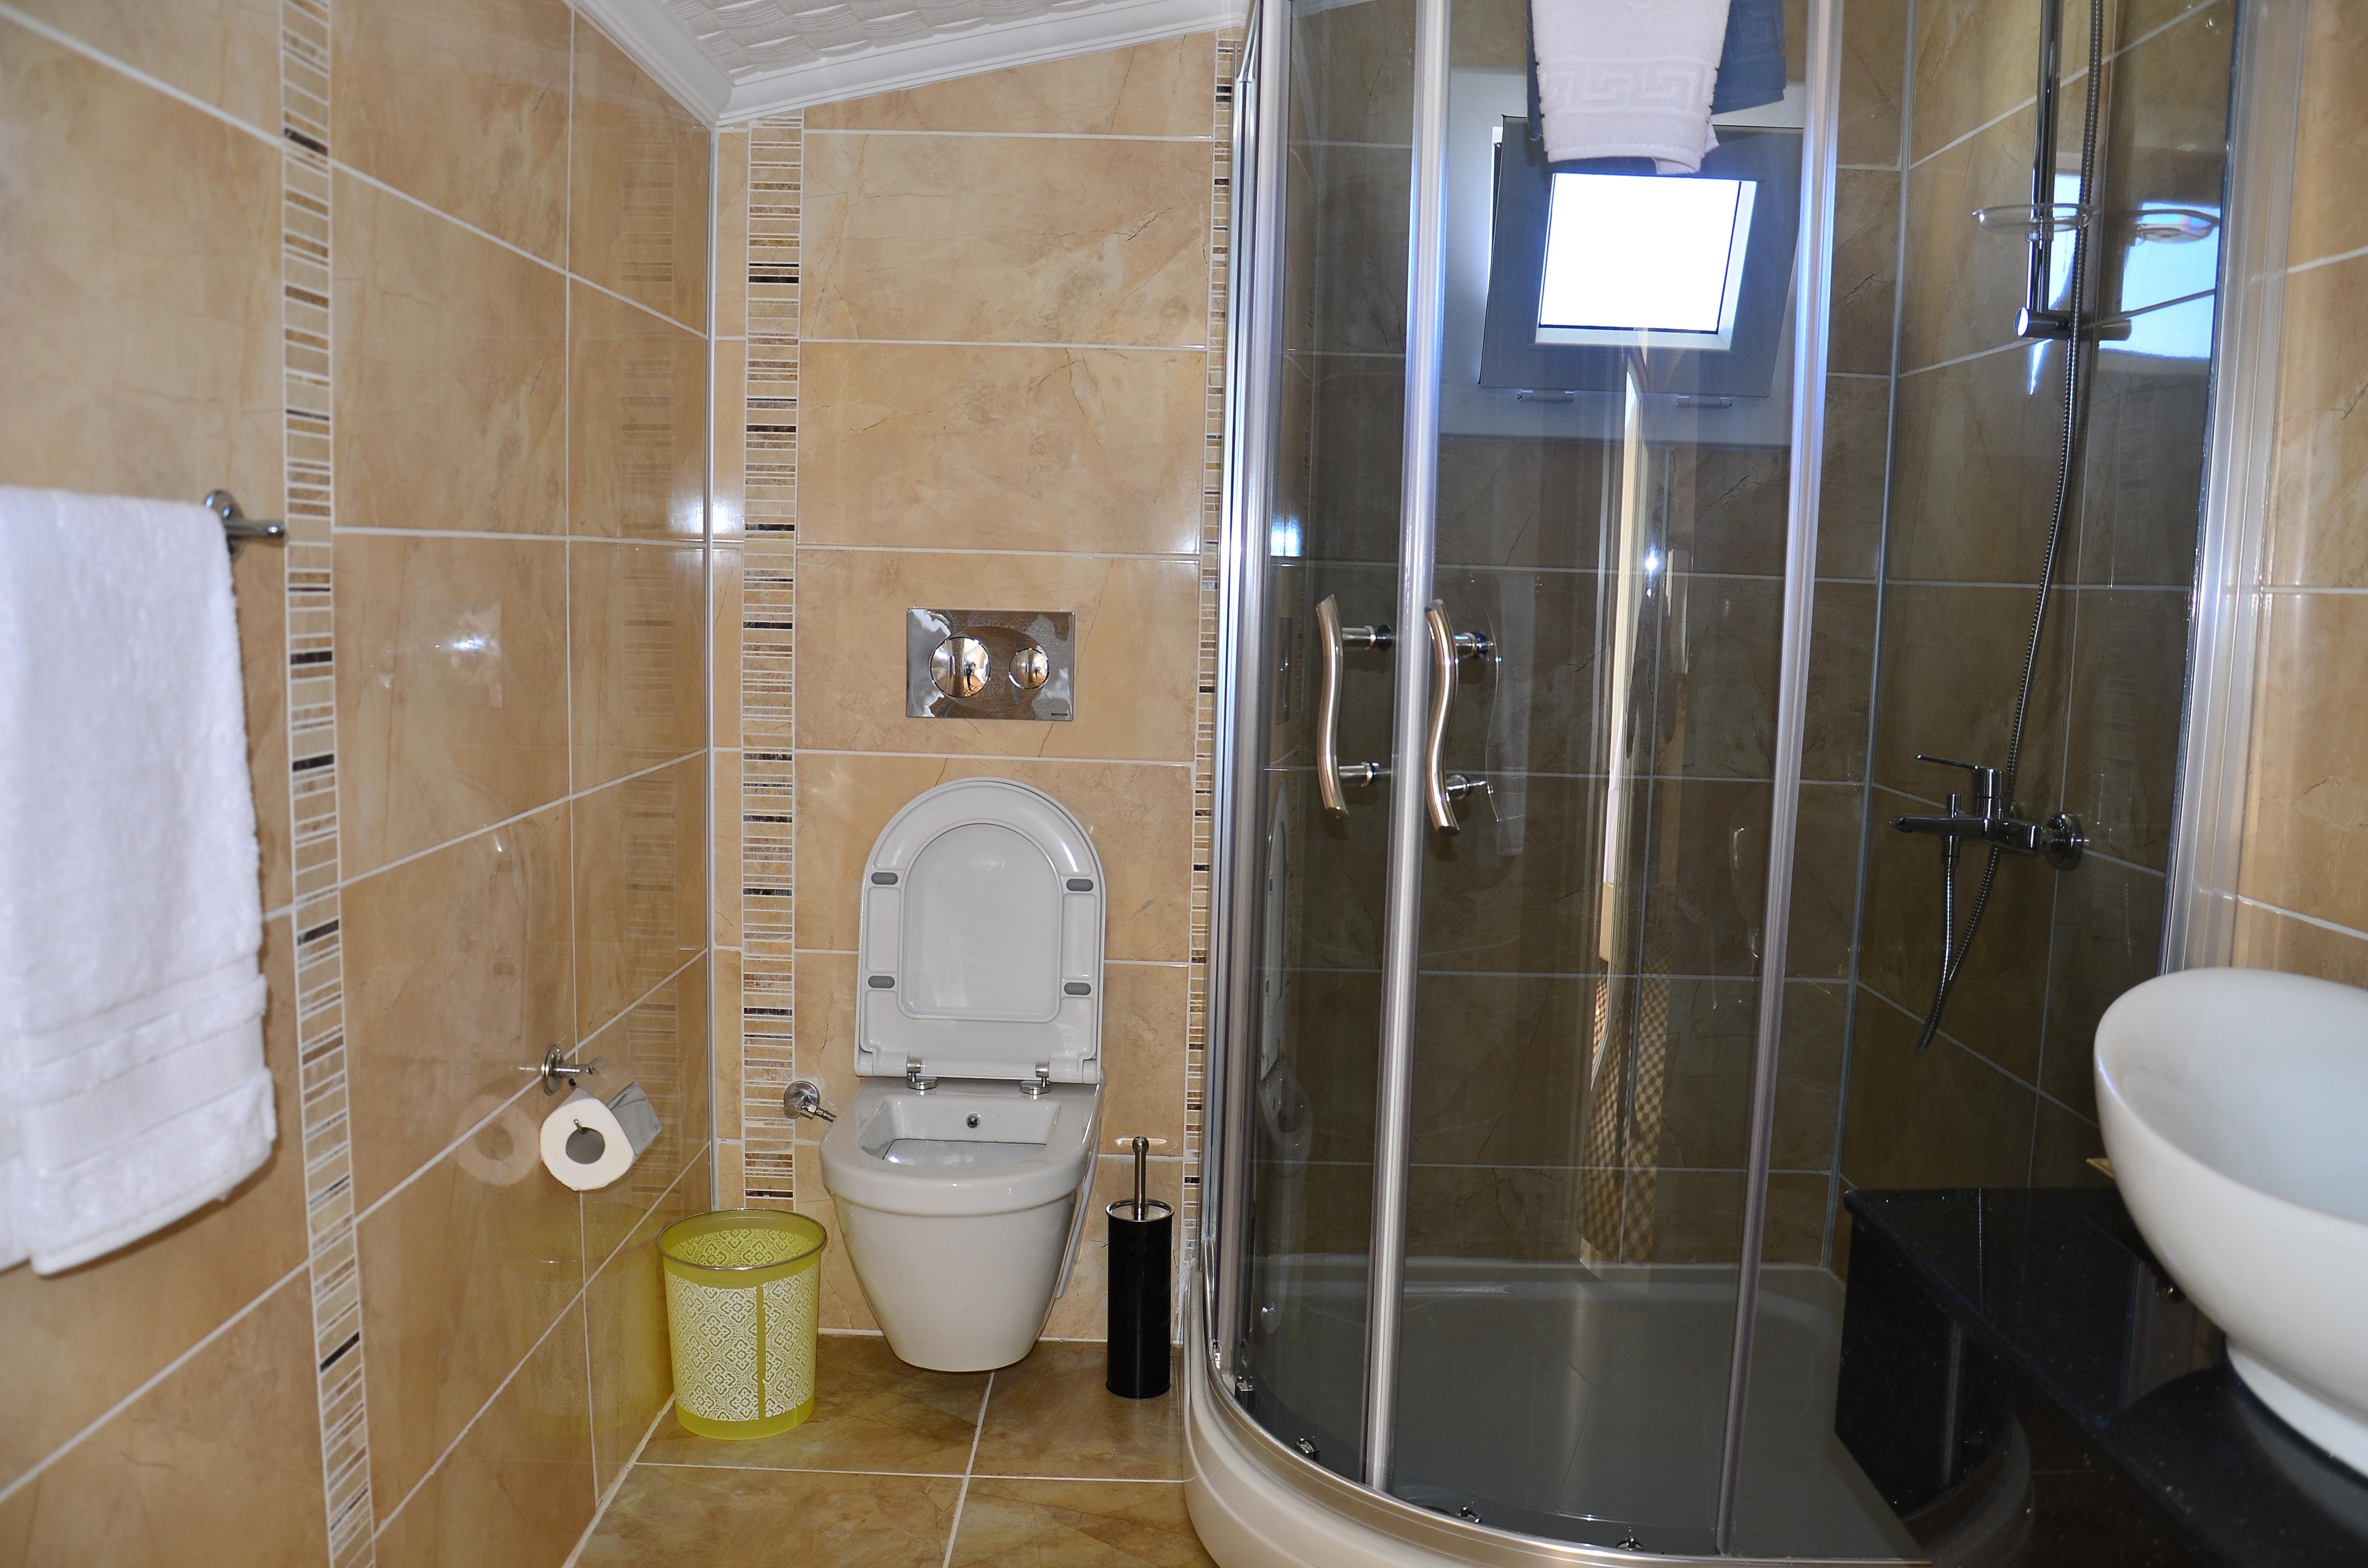 akbük rose garden otel aile odası banyo resmi